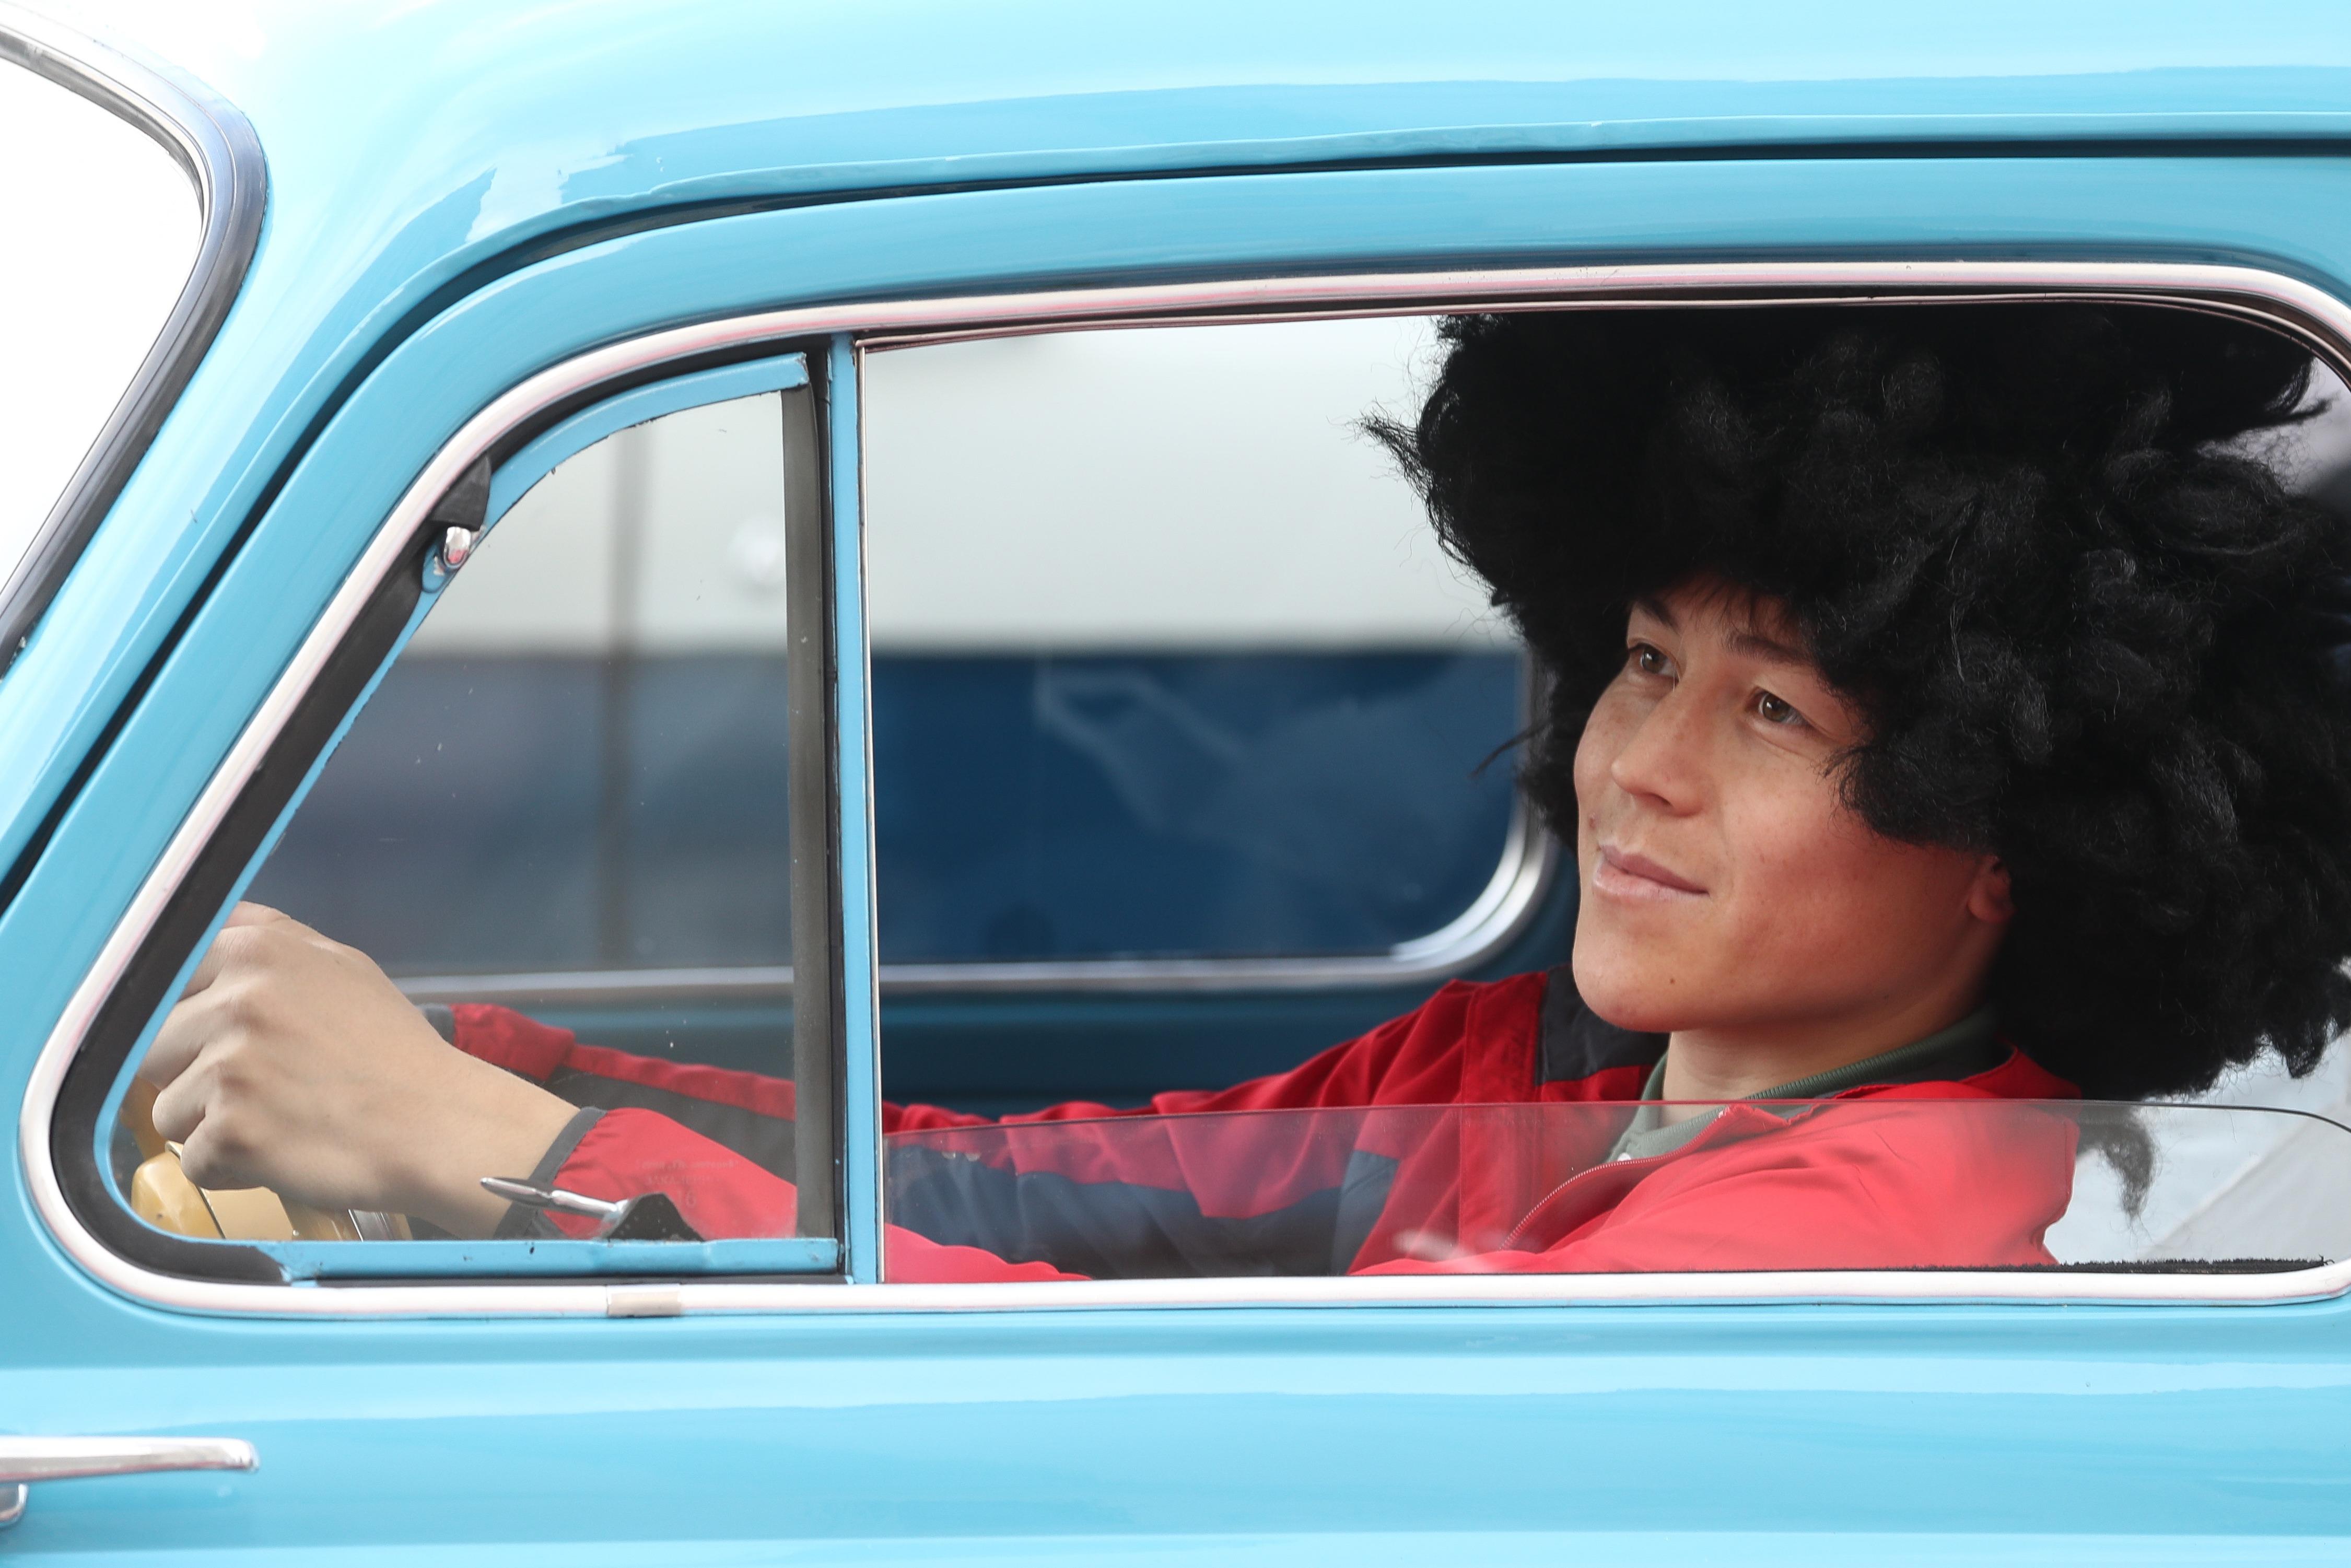 Автомототуристический фестиваль пройдет в Нальчике в августе